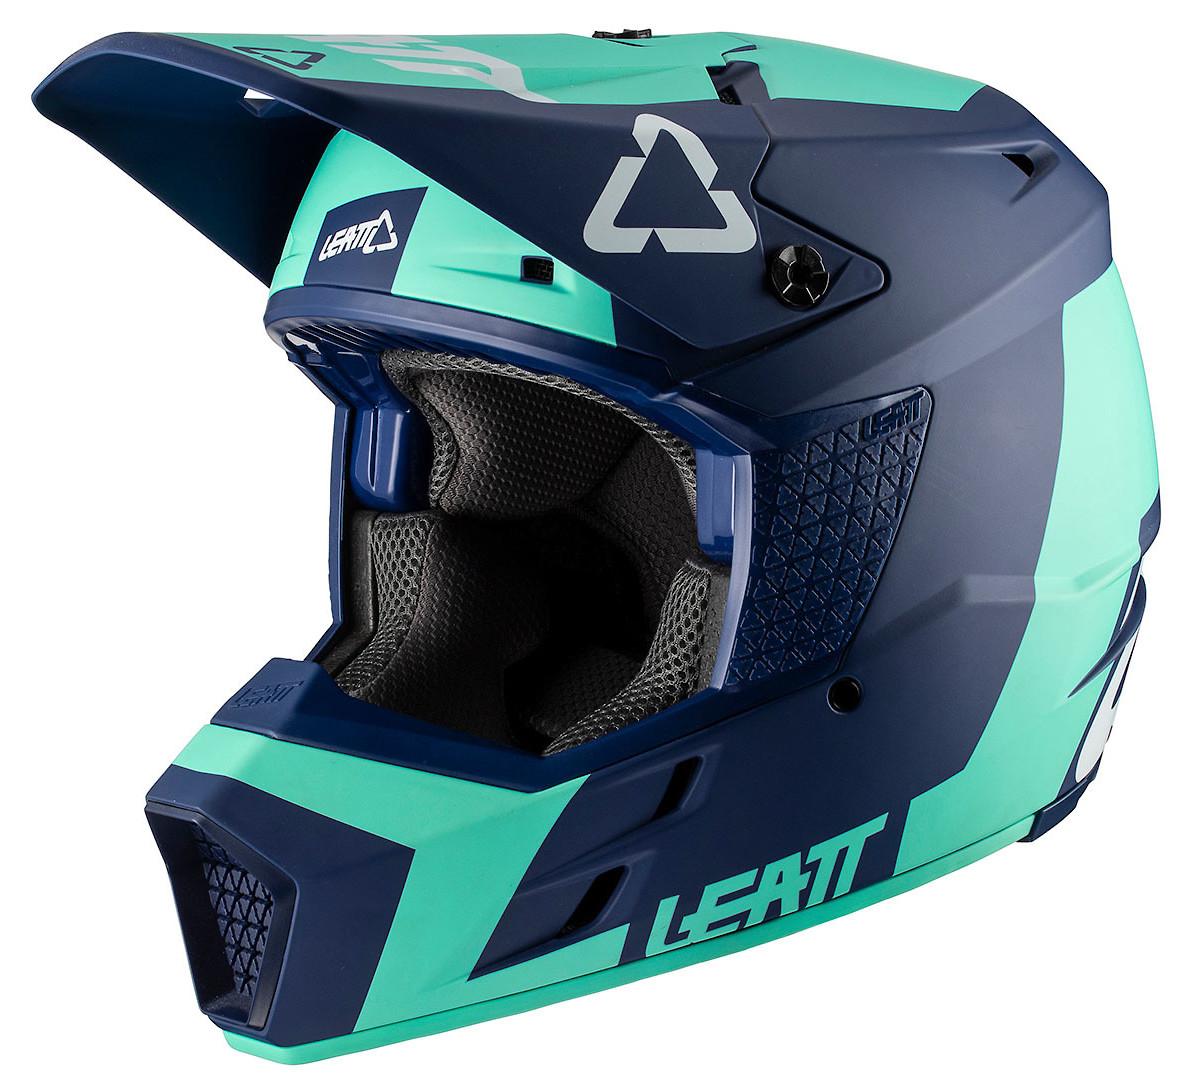 gpx_helmet_35__0017_Leatt_Helmet_GPX3.5_V20.1_Aqua_frontSide_1020001220